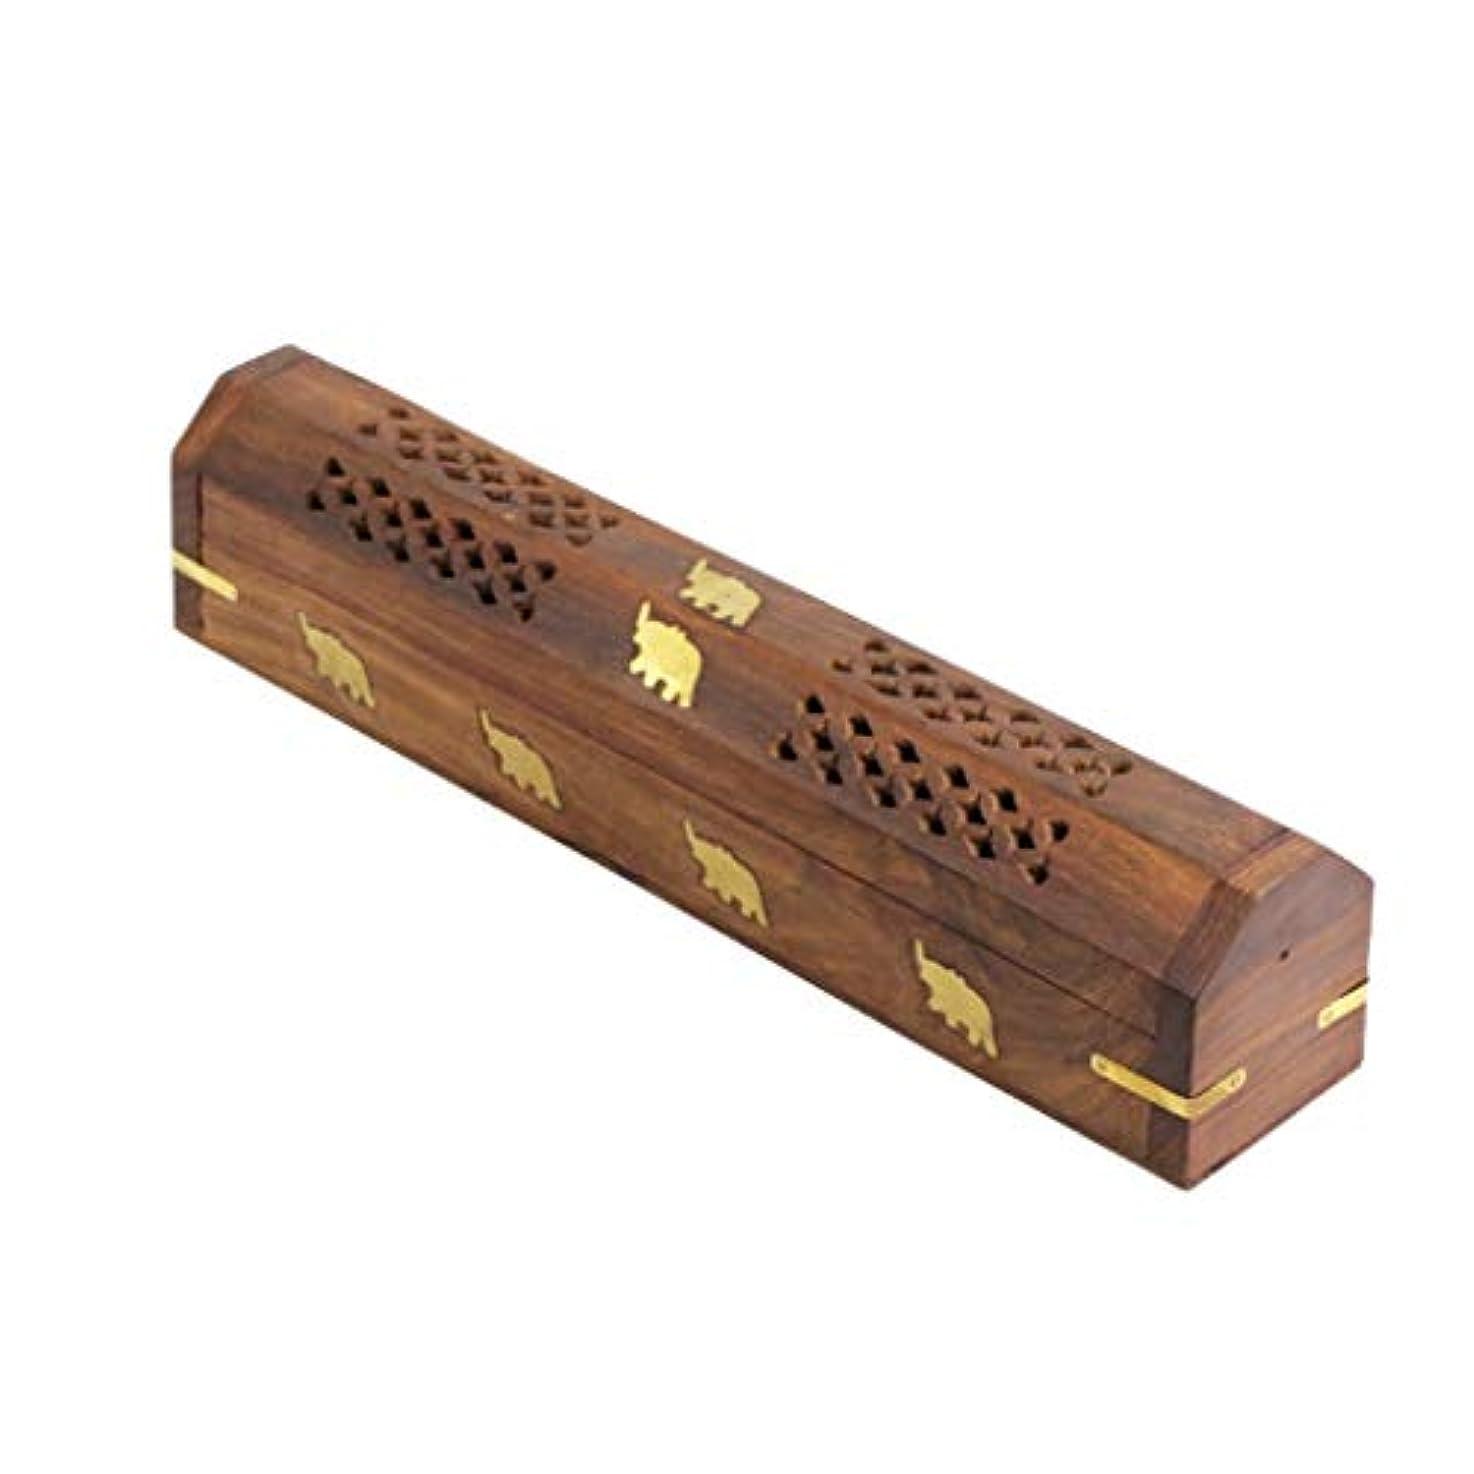 エイリアン時計回り週間木製香ホルダーブラウン香スティックバーナーホルダーアッシュキャッチャーホームフレグランス装飾品香炉 (Color : Brown, サイズ : 12*2.2*2.36inchs)